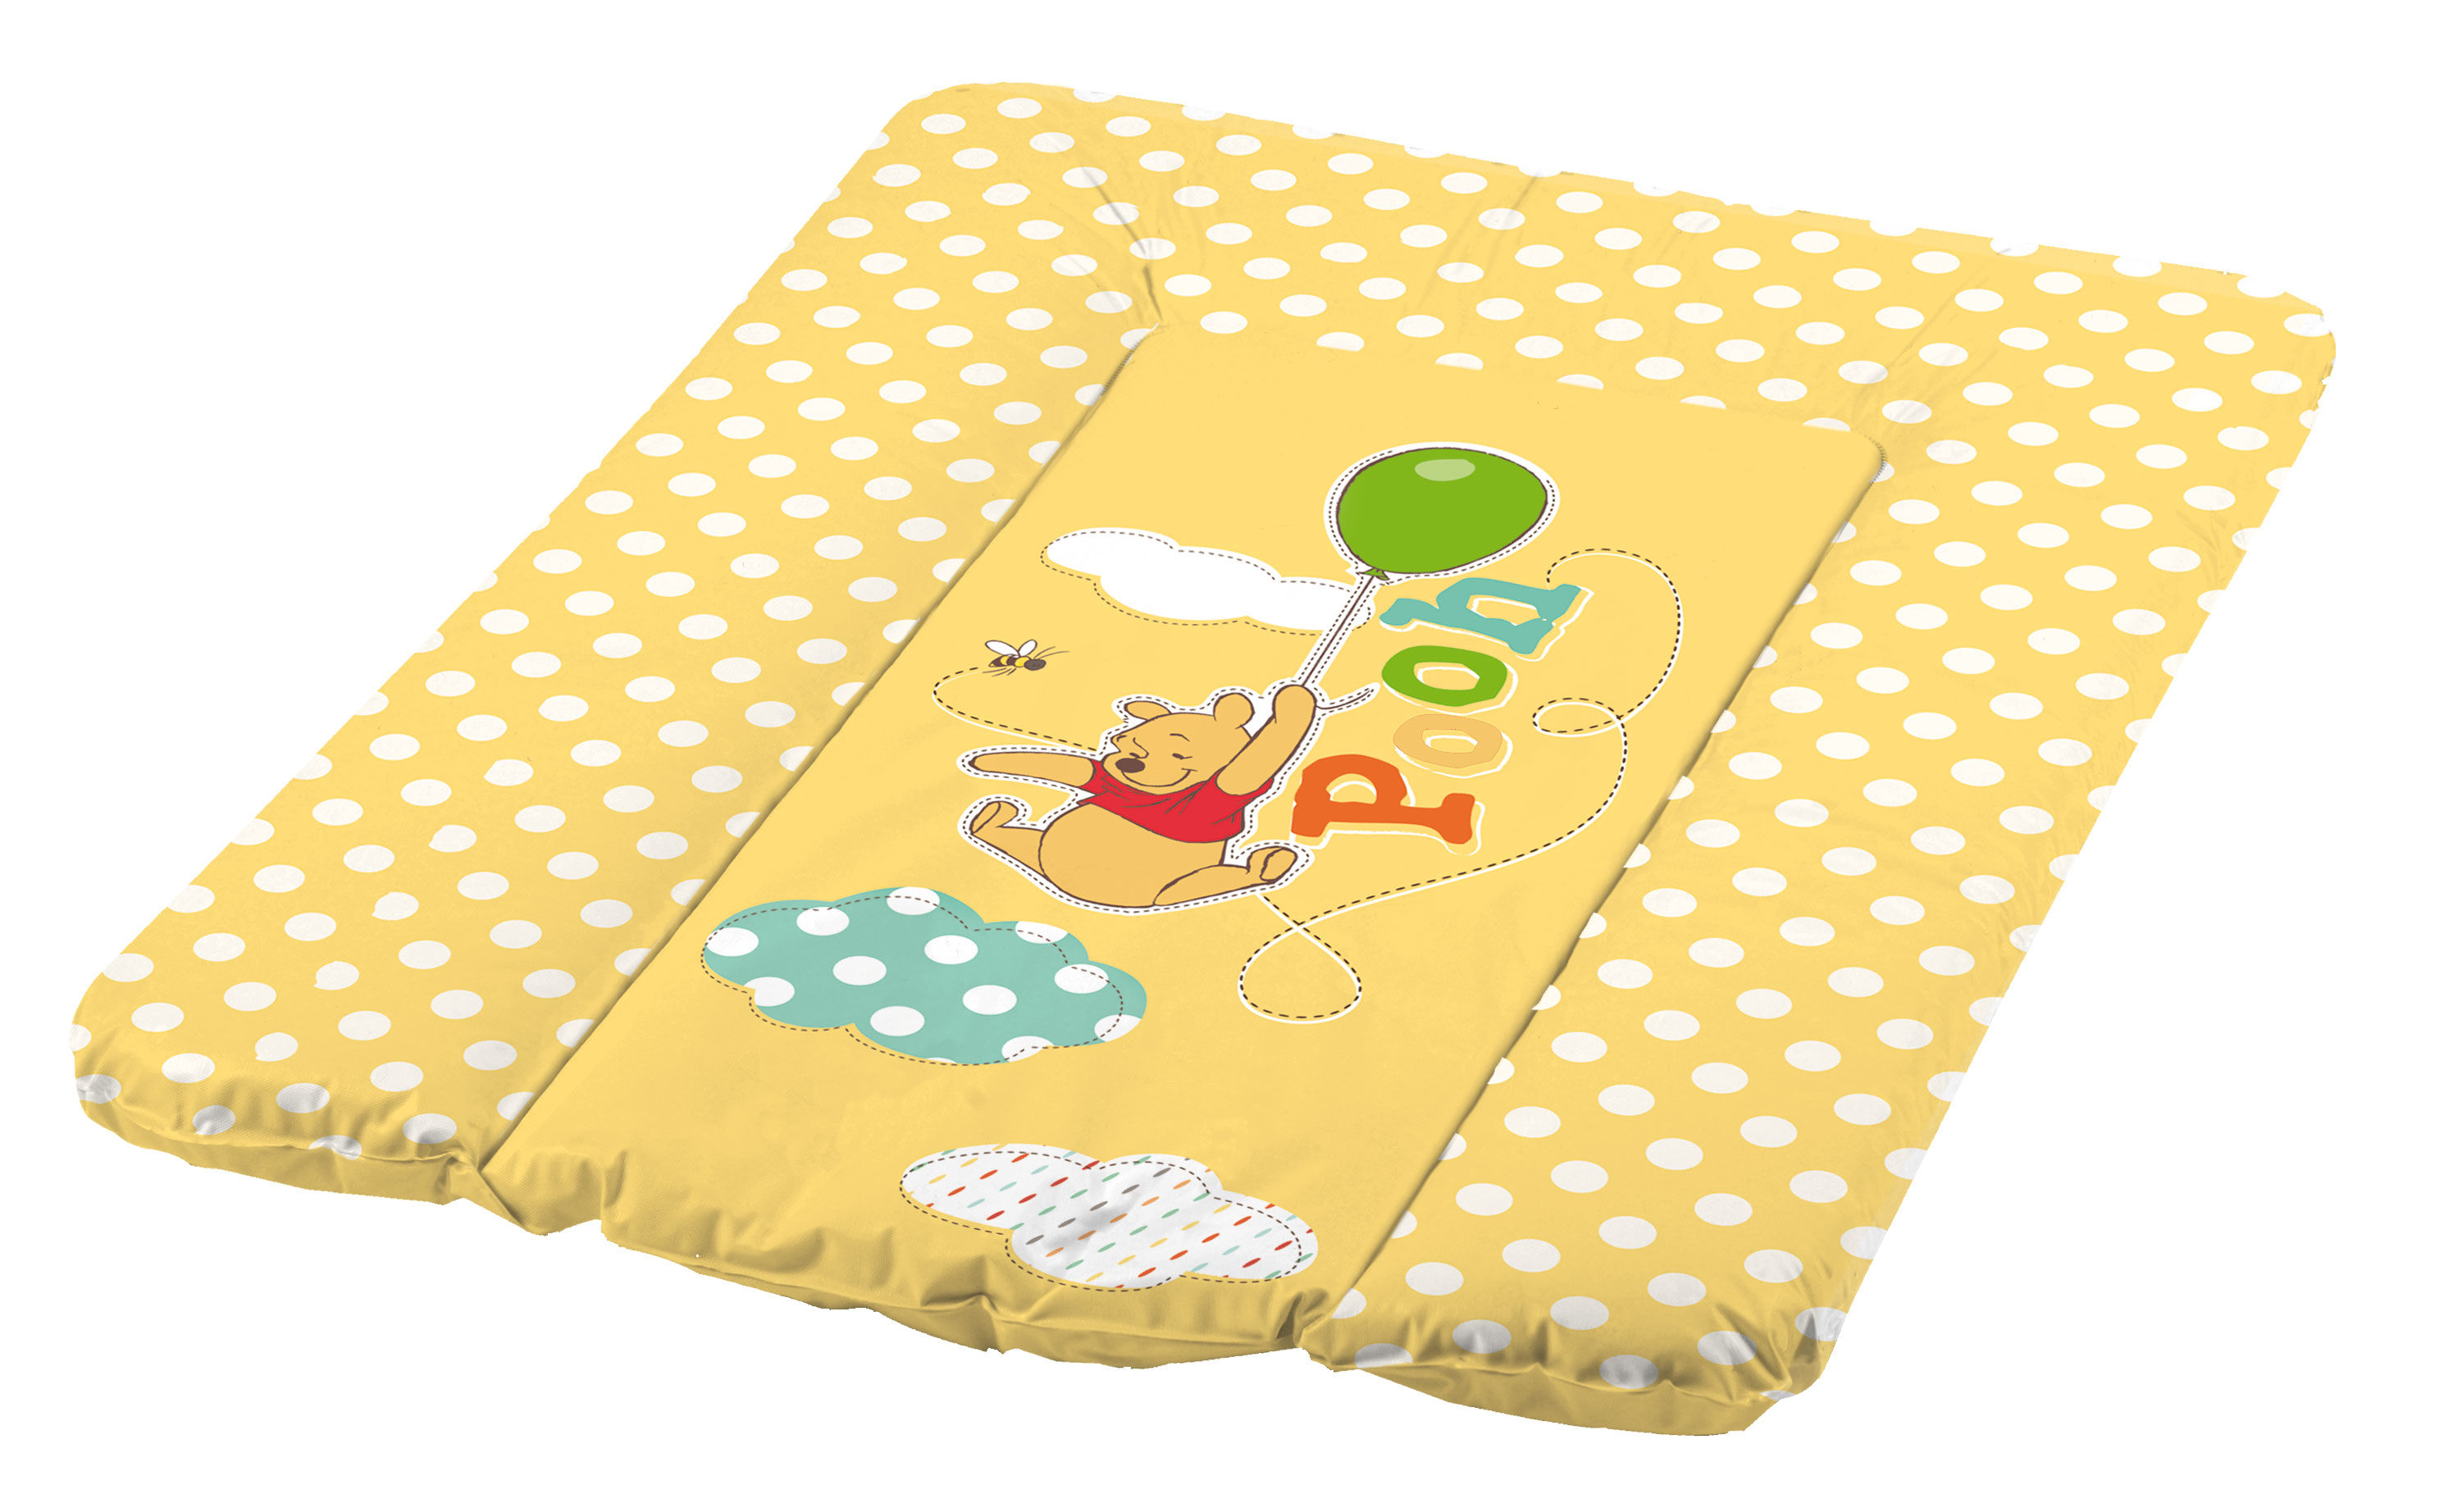 Пеленальный матрац с мягким основанием Винни Пух, желтый, 50х70 смстолы для пеленания<br>Пеленальный матрац с мягким основанием Винни Пух, желтый, 50х70 см<br>